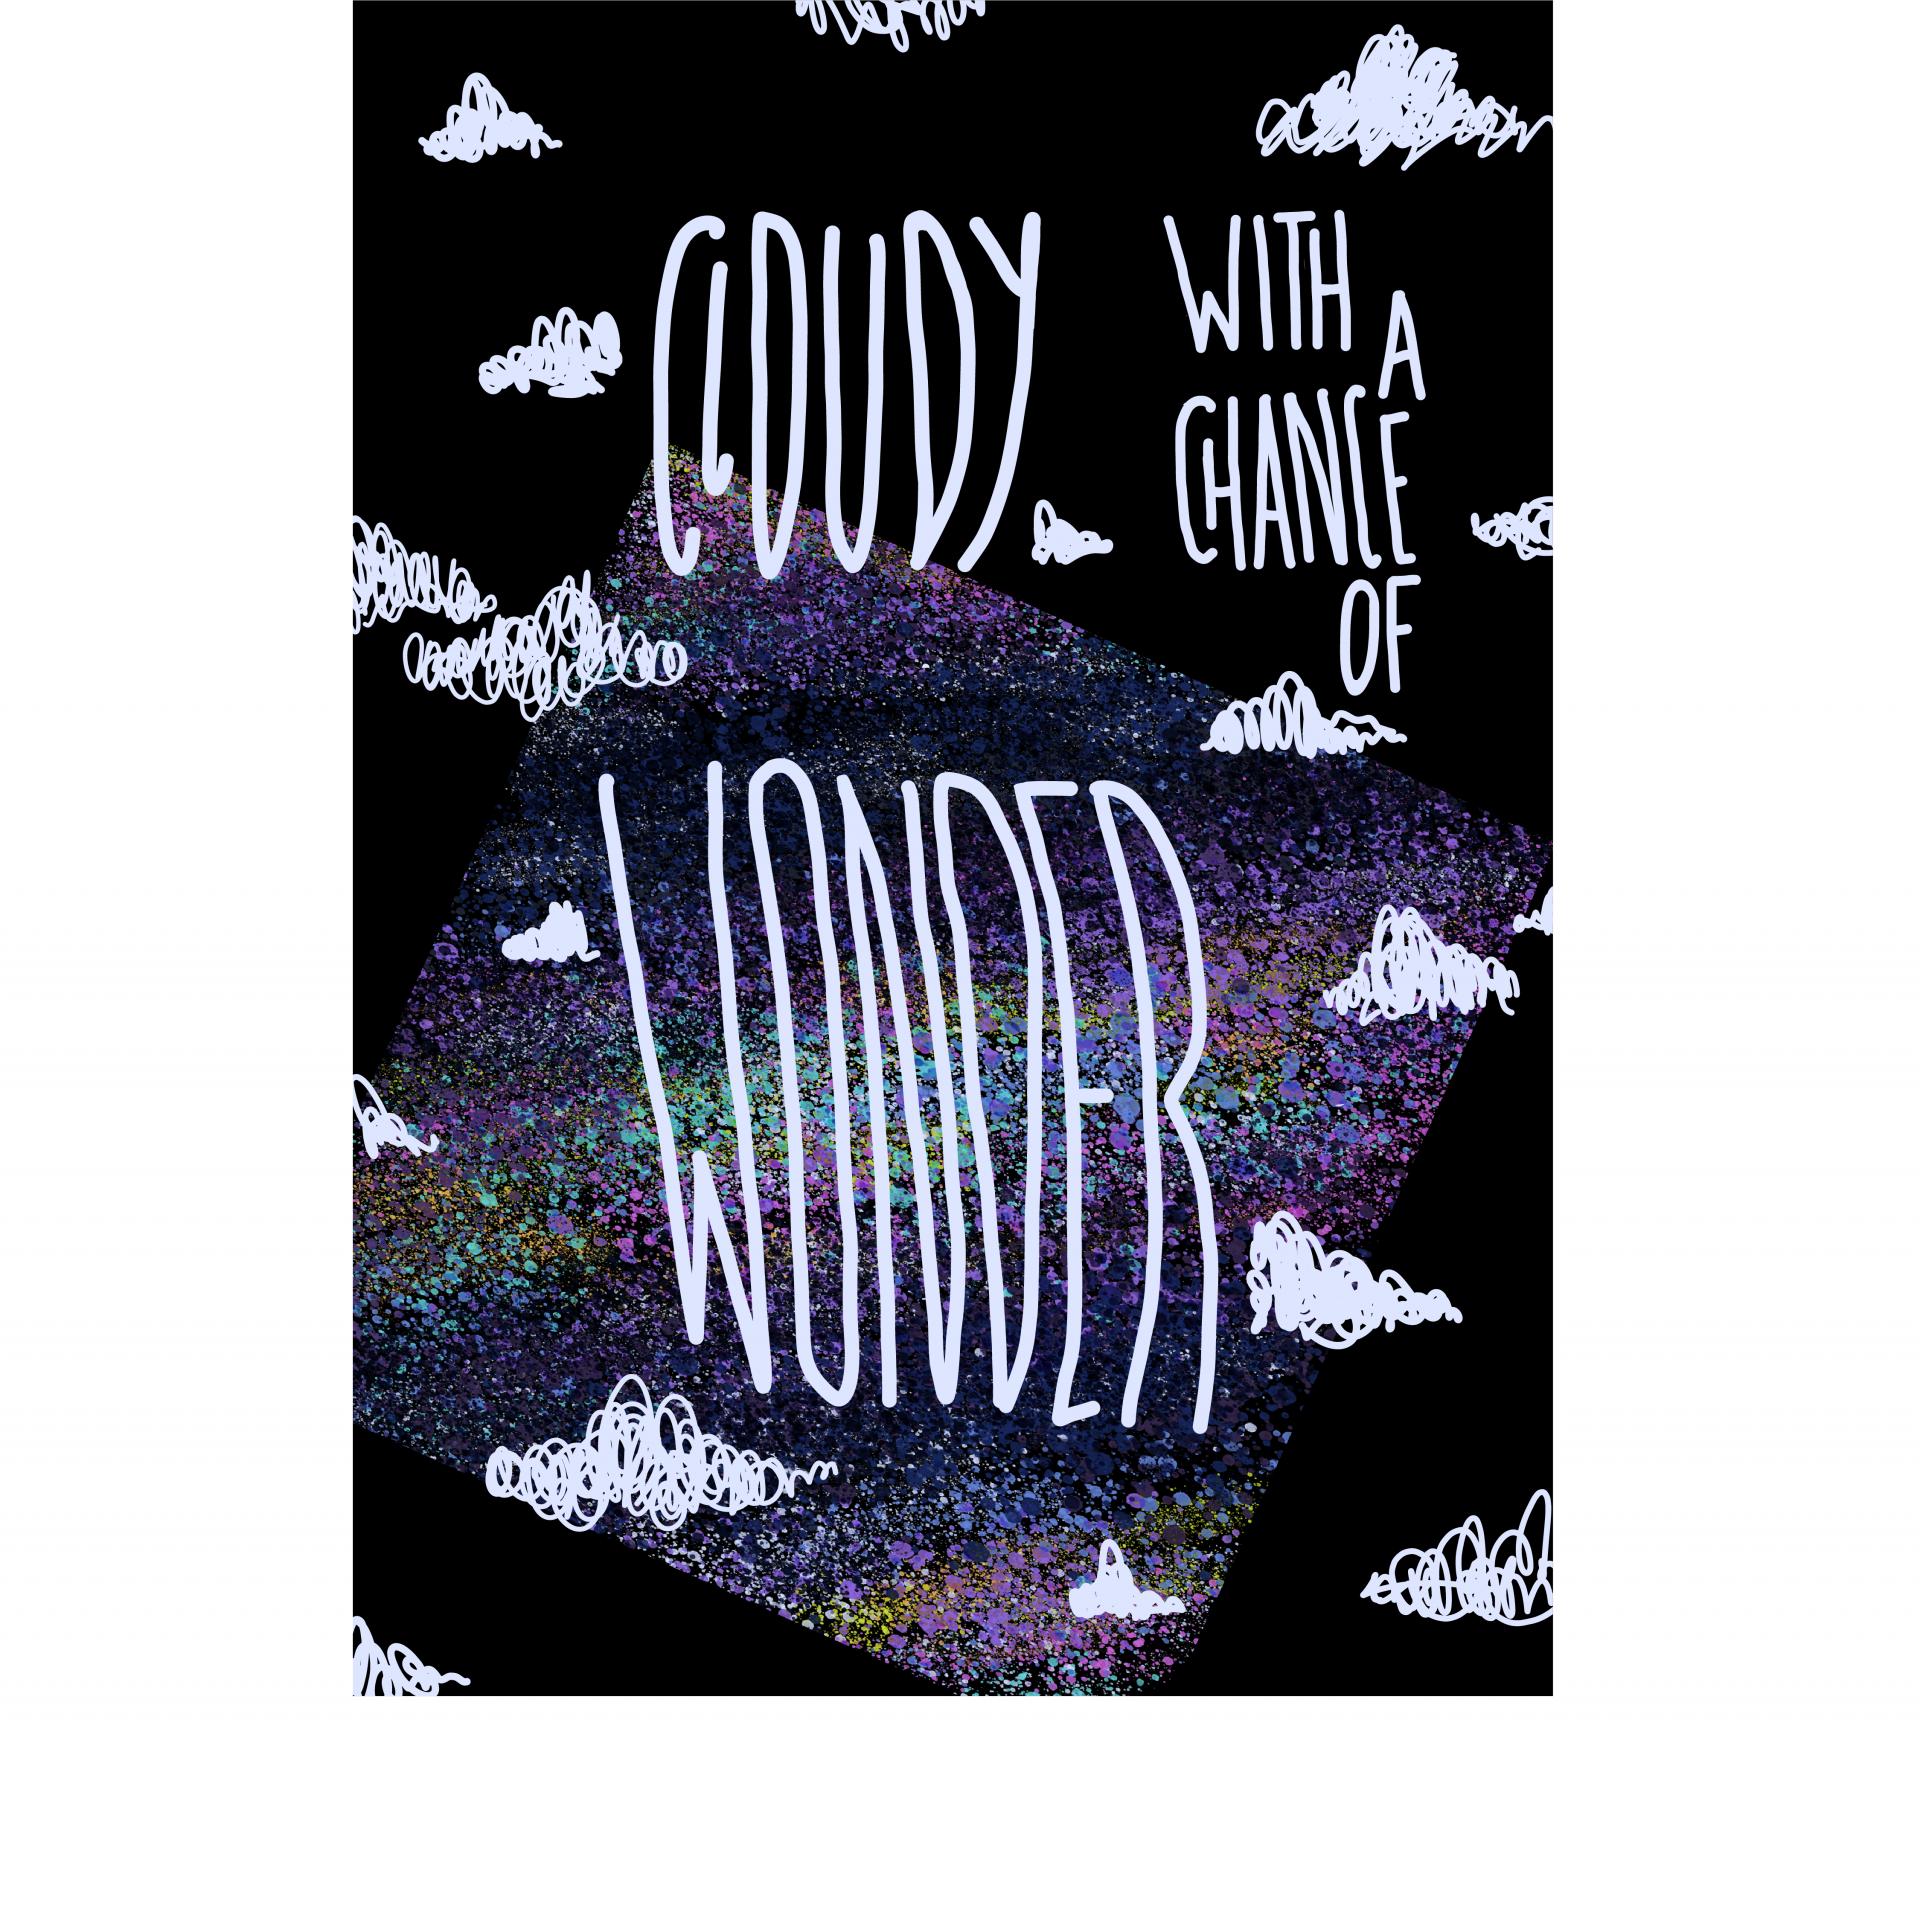 """grafikdesign, rechteck, hochformat, hintergrund schwarz. in hellgrau steht """"cloudy with a chance of wonder"""", umgeben von handgezeichneten wolken rundherum. im hintergrund unten ist ein gedrehtes quadrat mit unterschiedlichen farben, angelehnt an die milchstraße"""